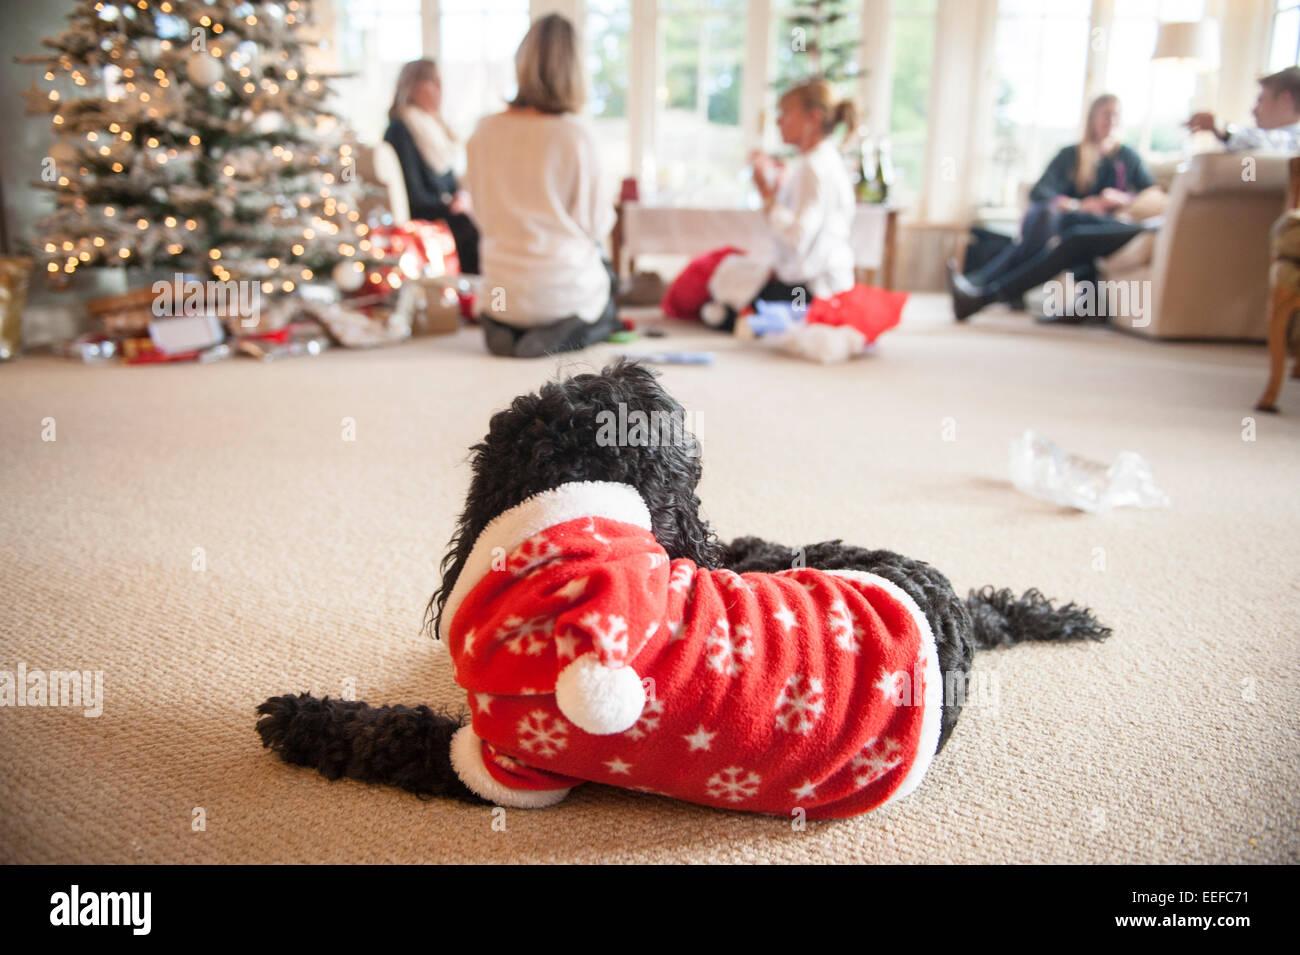 Un perro negro en un traje de Navidad observa el presente apertura de Navidad y adornos del árbol. Imagen De Stock